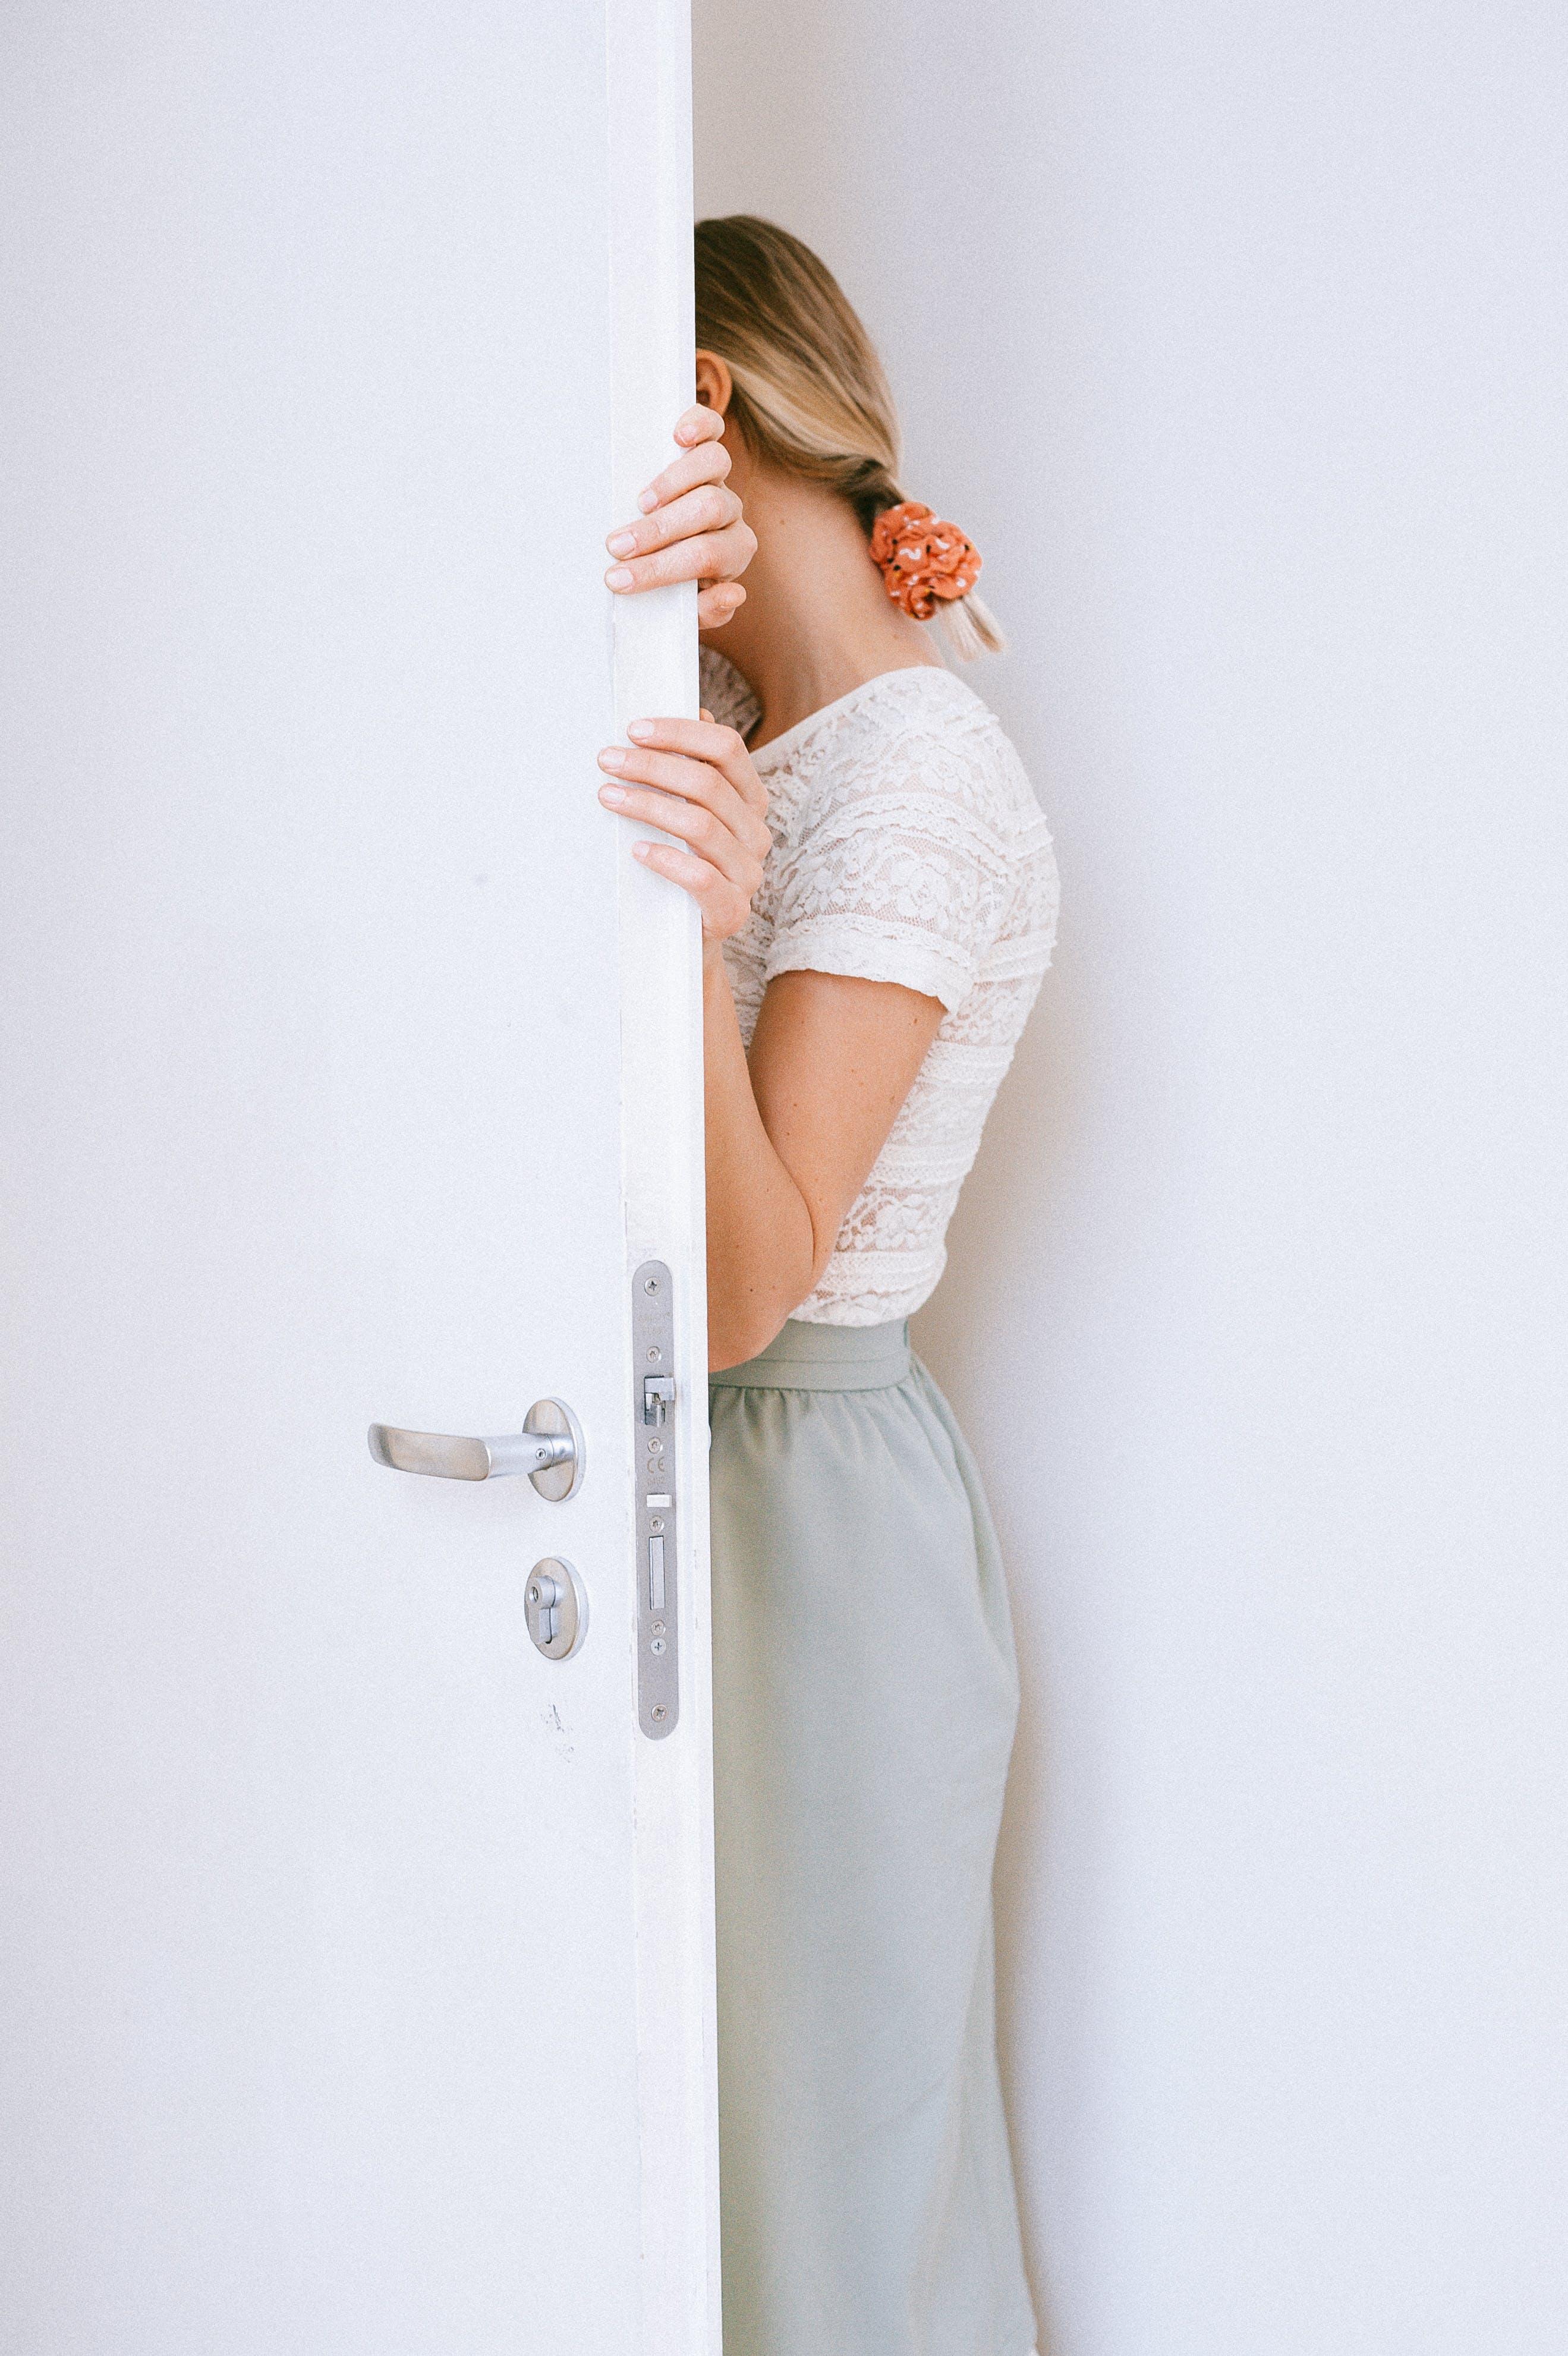 คลังภาพถ่ายฟรี ของ คน, ท่าทาง, นางแบบ, ประตู